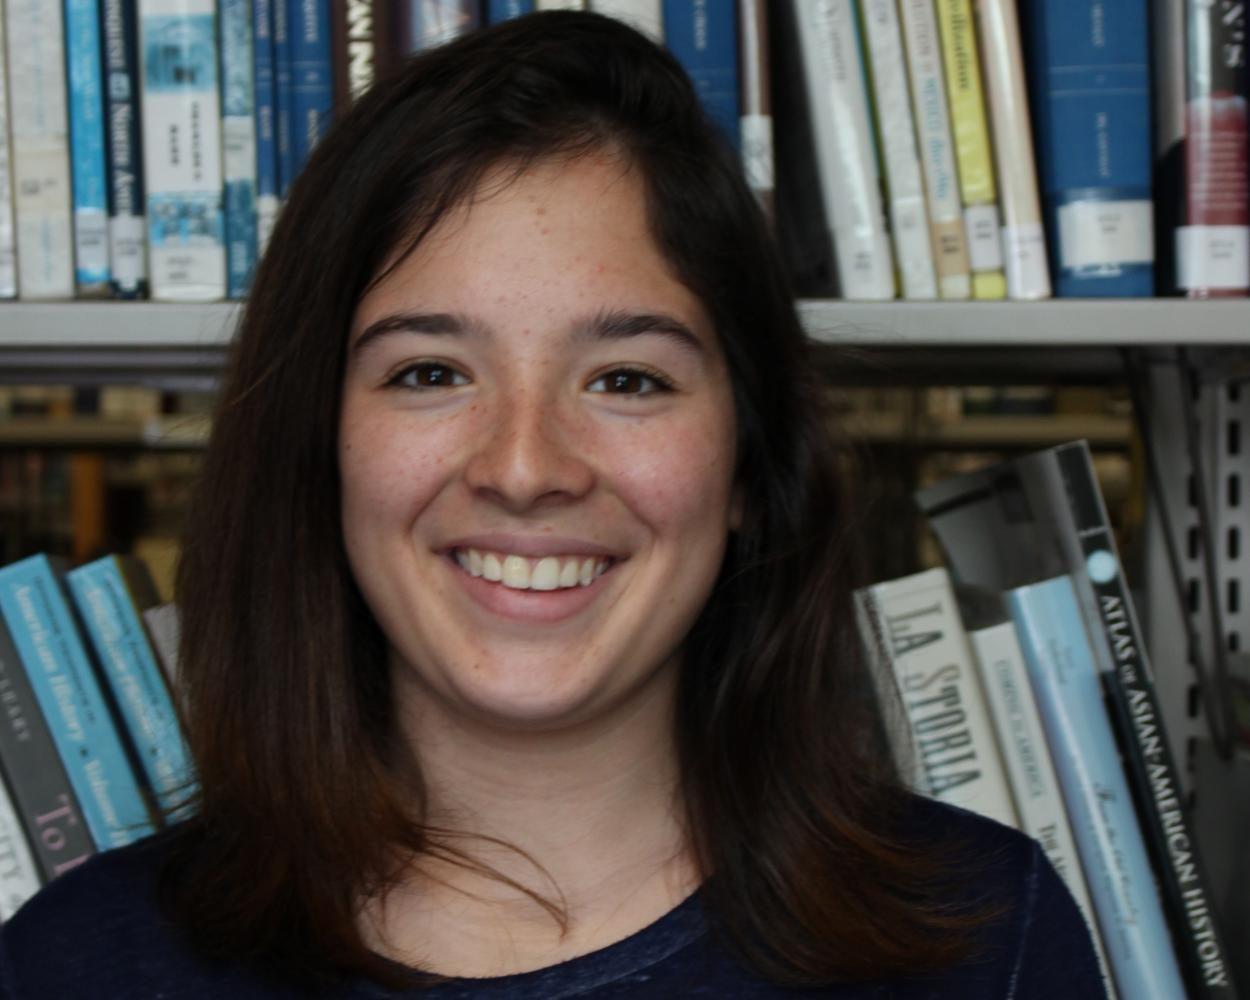 Samantha Gross